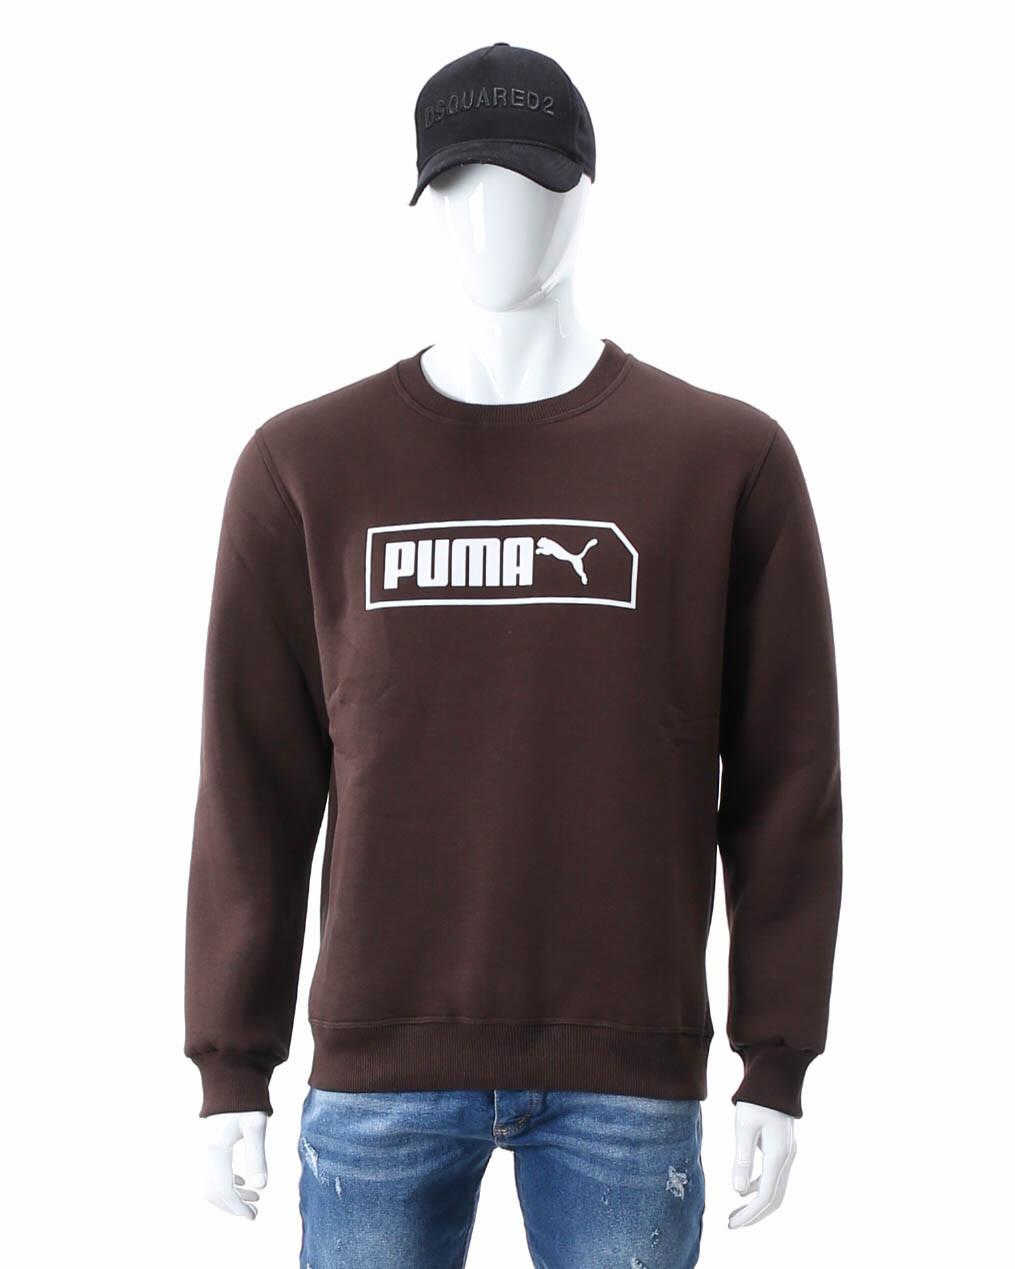 Свитшот осень-зима коричневый PUMA с лого BRN 2XL(Р) 20-411-003